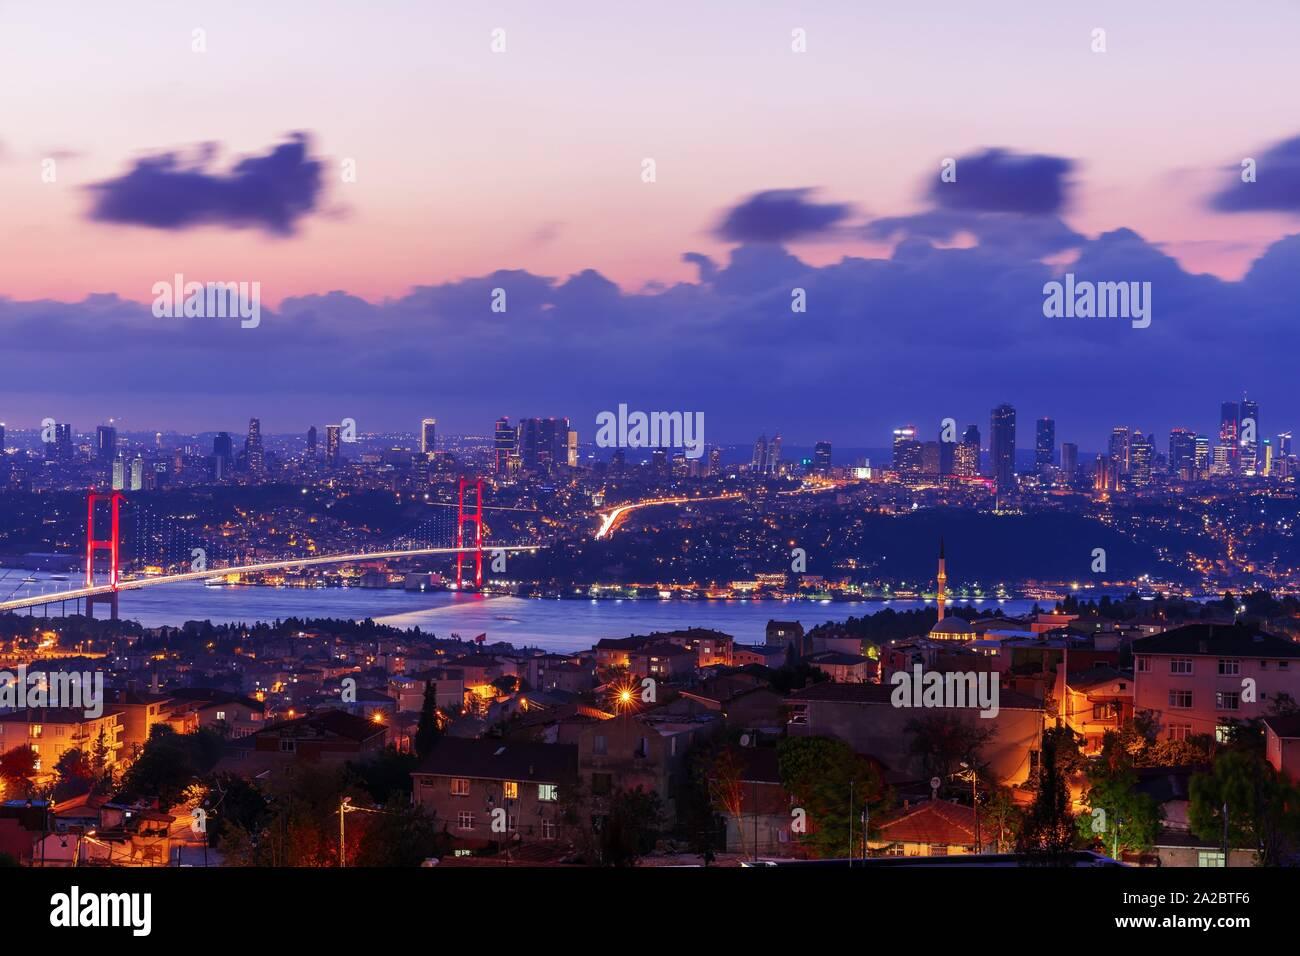 La noche, la vista sobre el puente del Bósforo Sisli y Besiktas distritos de Estambul, Turquía. Foto de stock